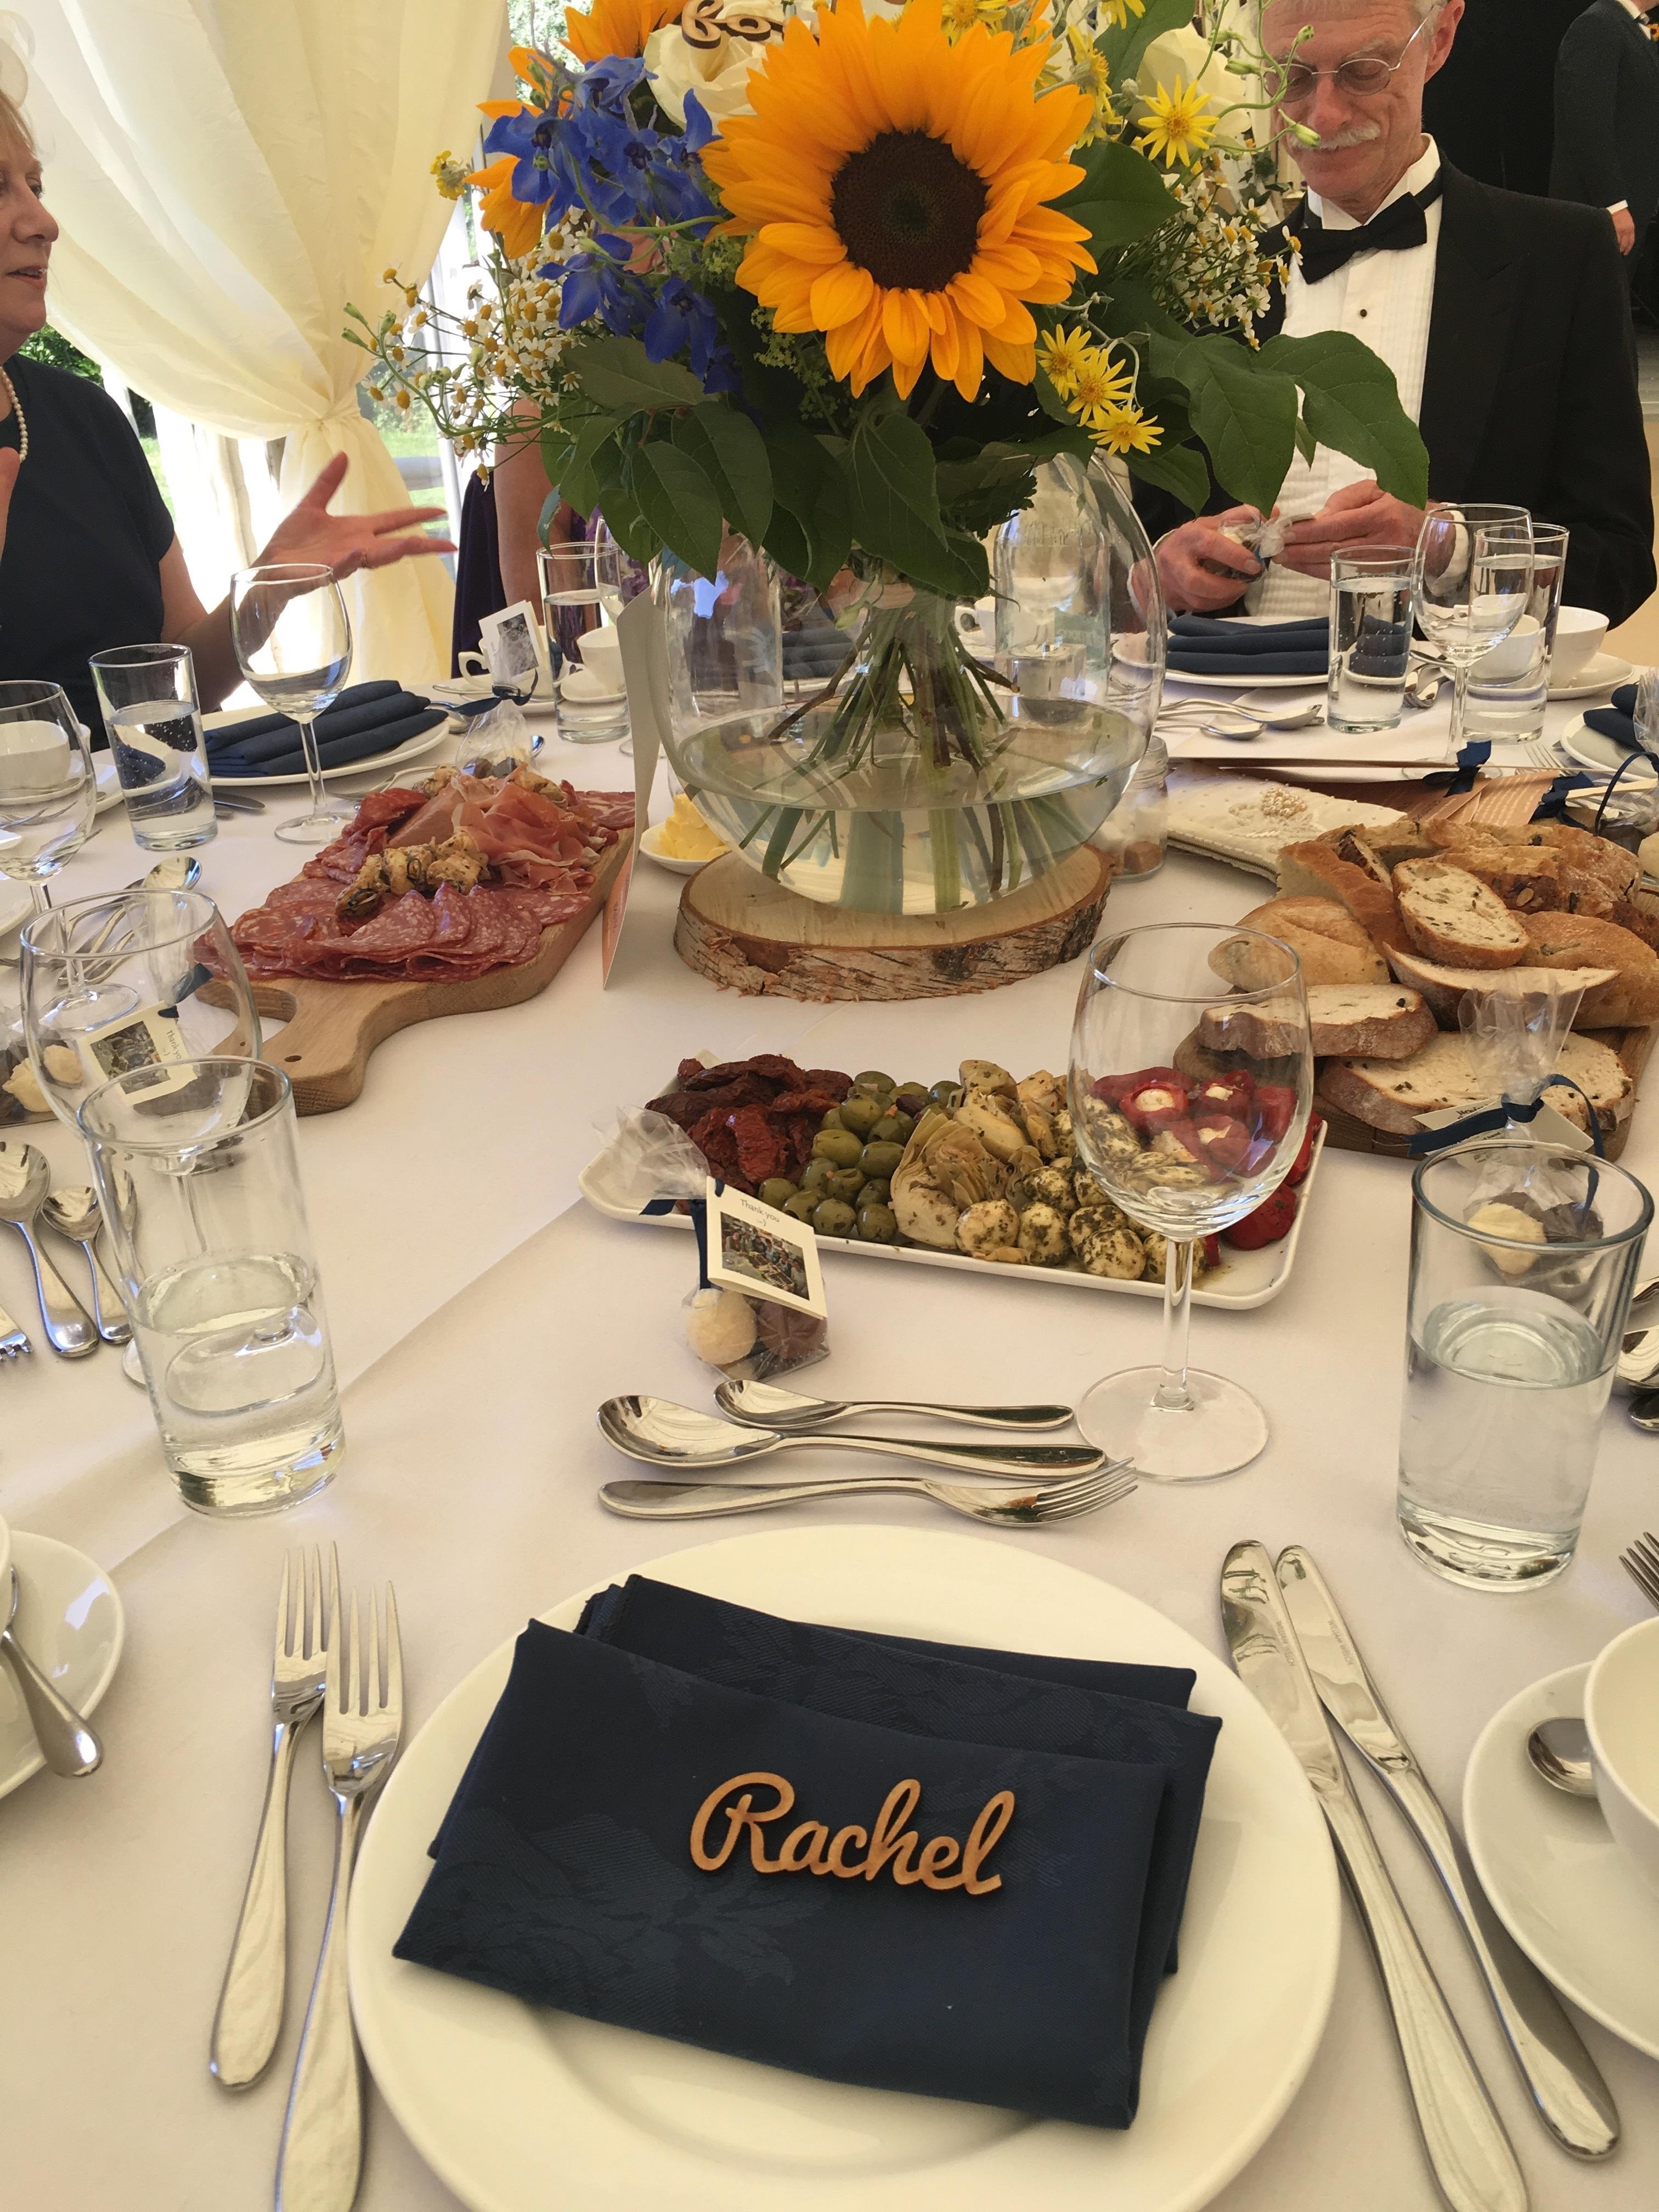 Wedding Breakfast | Jane Austen's World